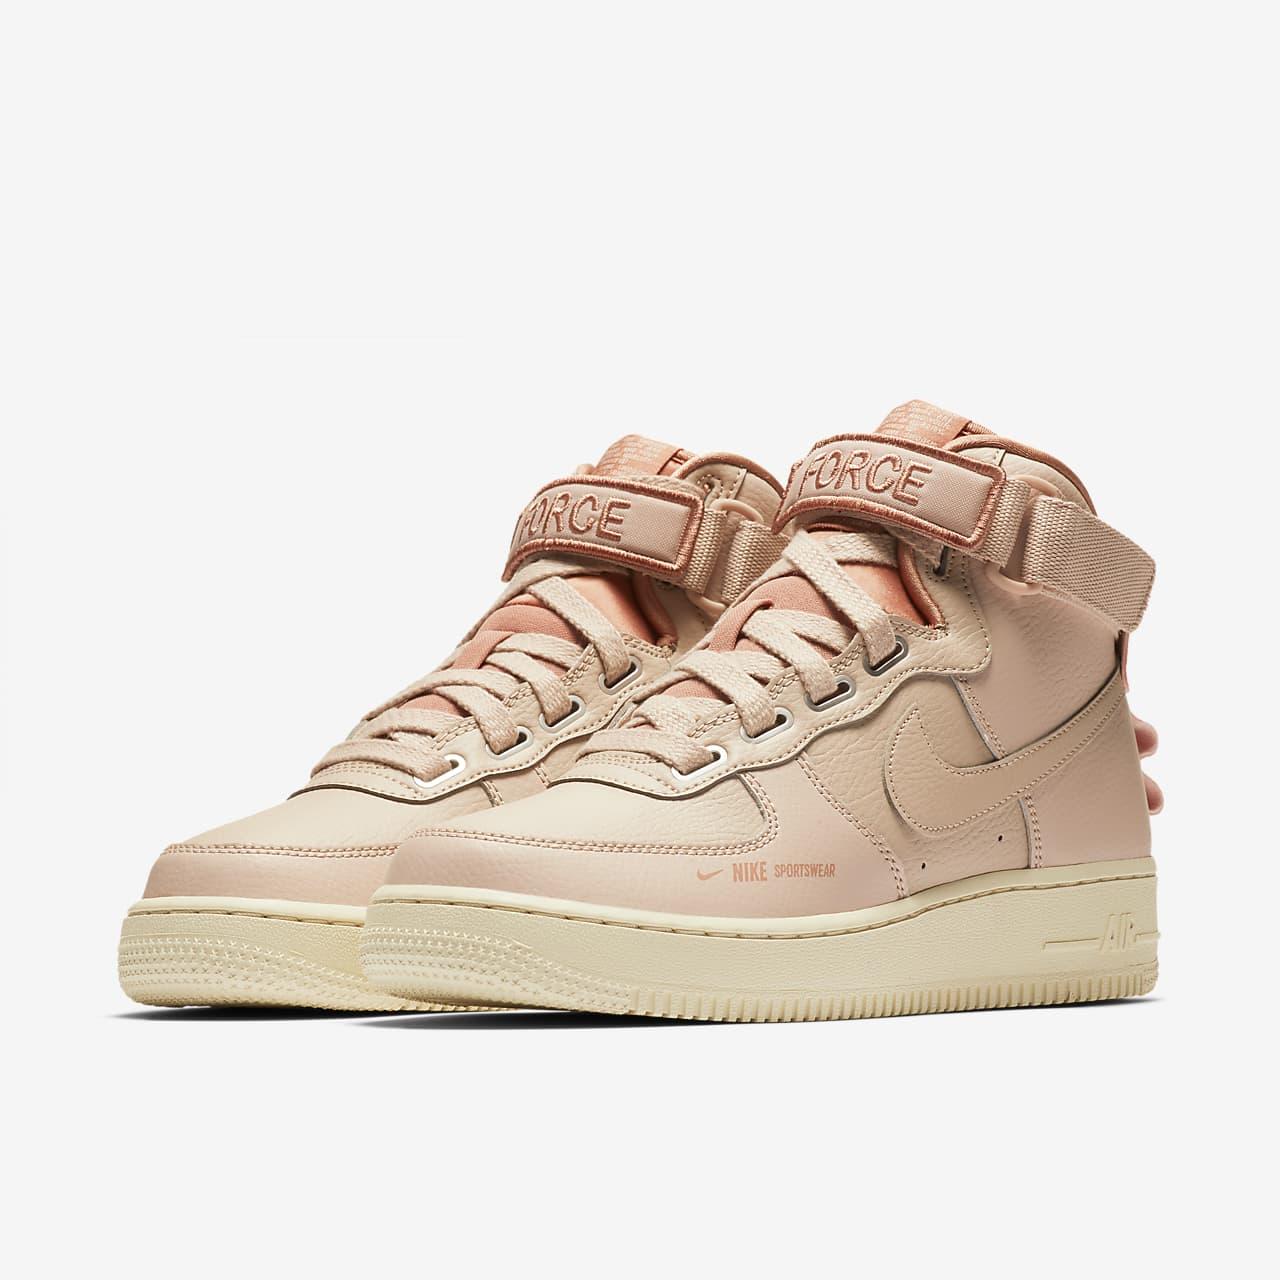 Nike Air Force 1 High Utility Women's Shoe